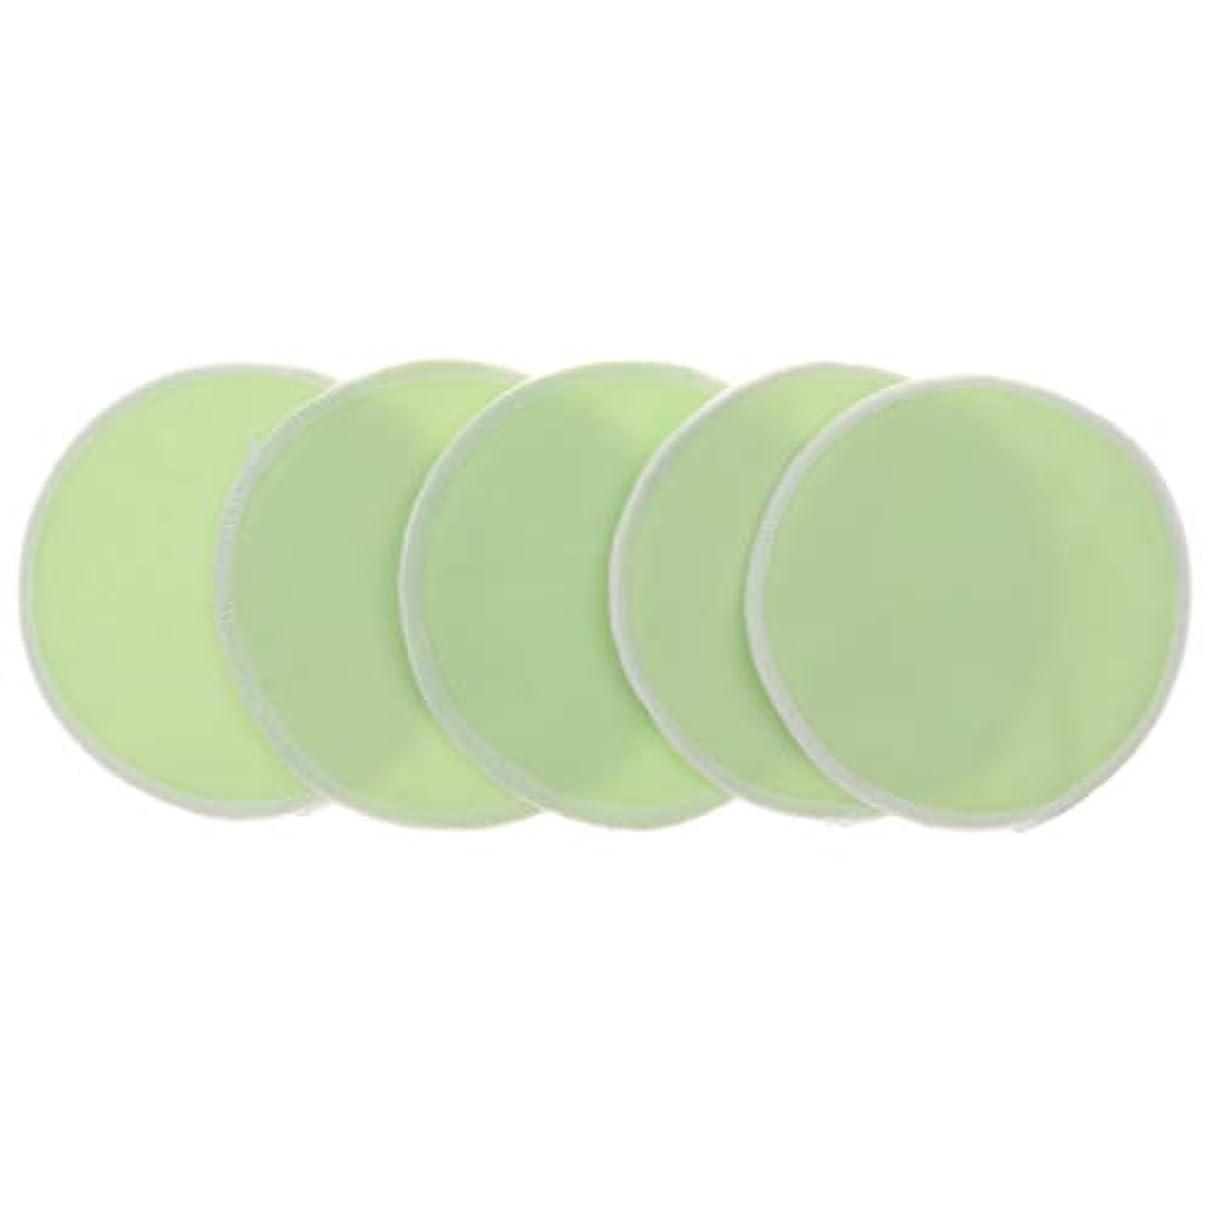 人種カセット靴胸パッド クレンジングシート メイクアップ 竹繊維 円形 12cm 洗濯可能 再使用可 5個 全5色 - 緑